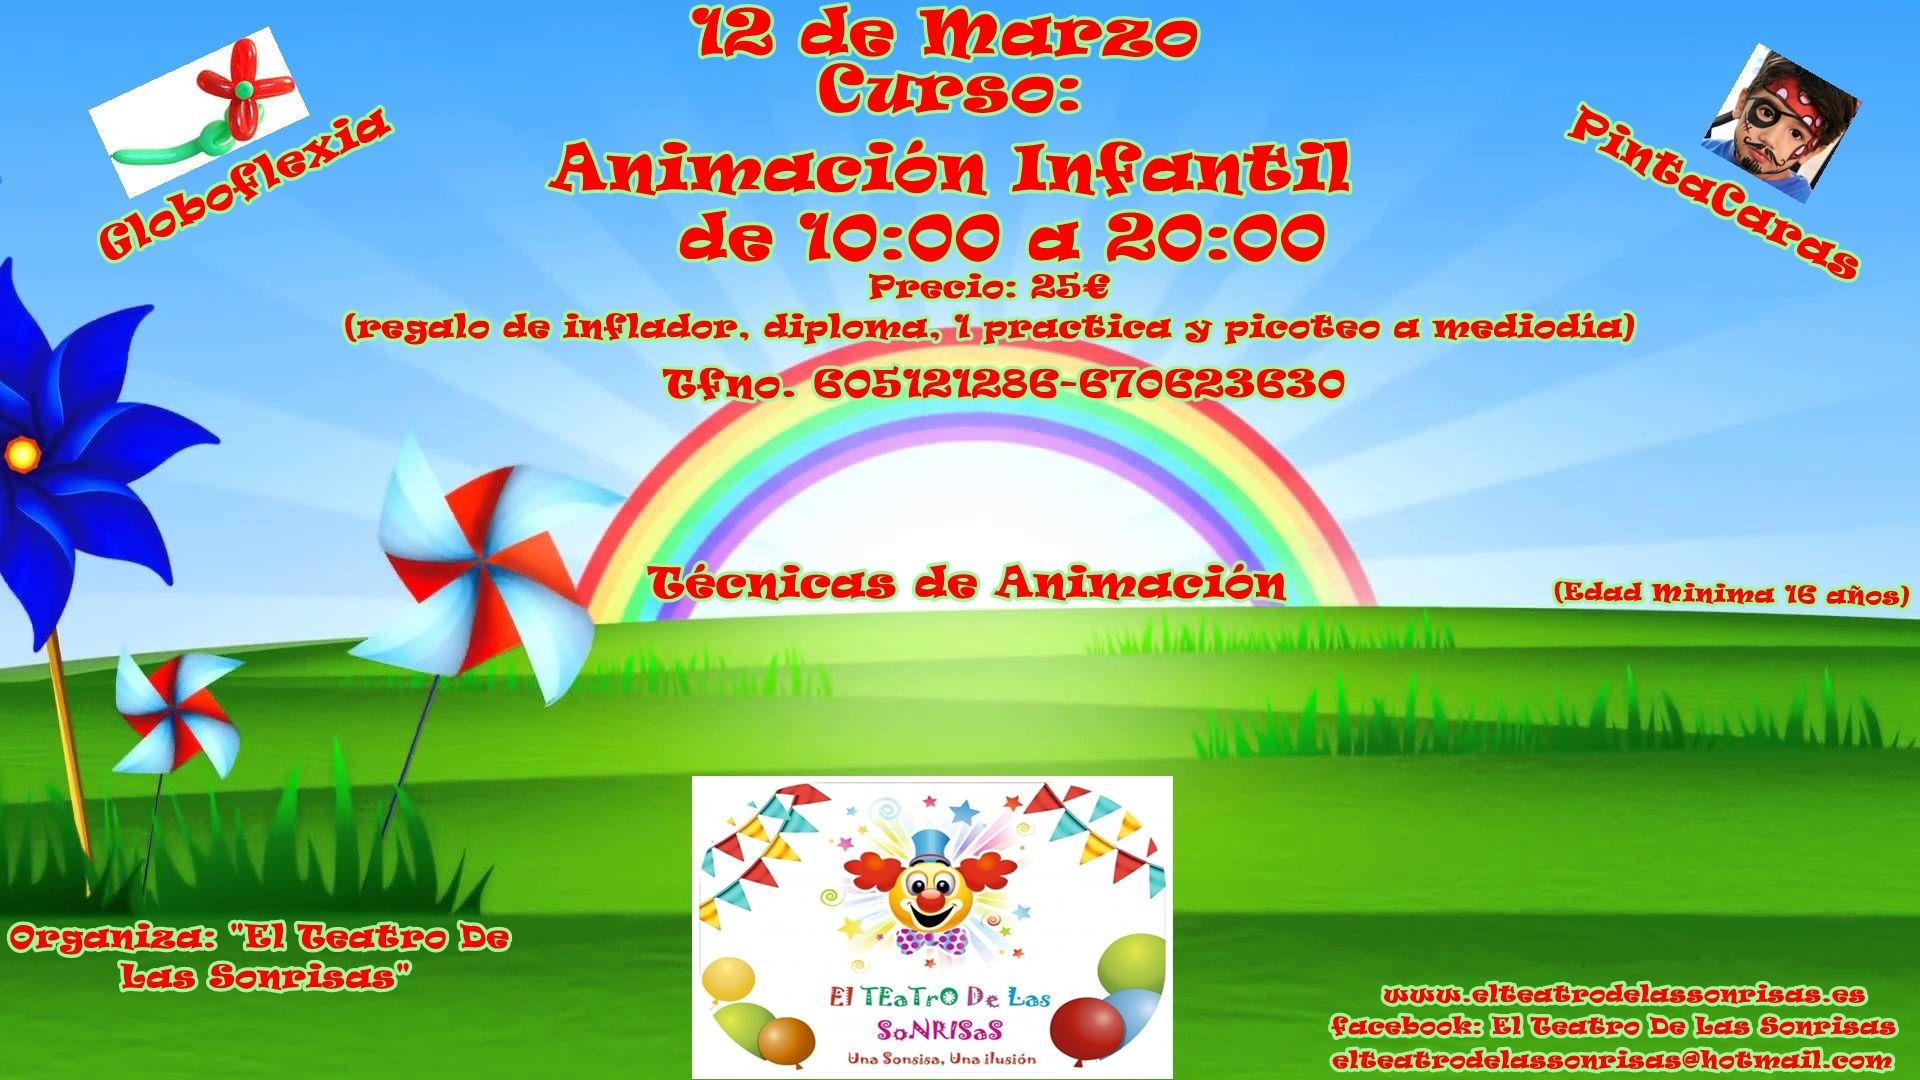 Curso De Animación Infantil En Málaga Con Prácticas Y Bolsa De Trabajo Actividades Para Niños En Málaga La Diversiva